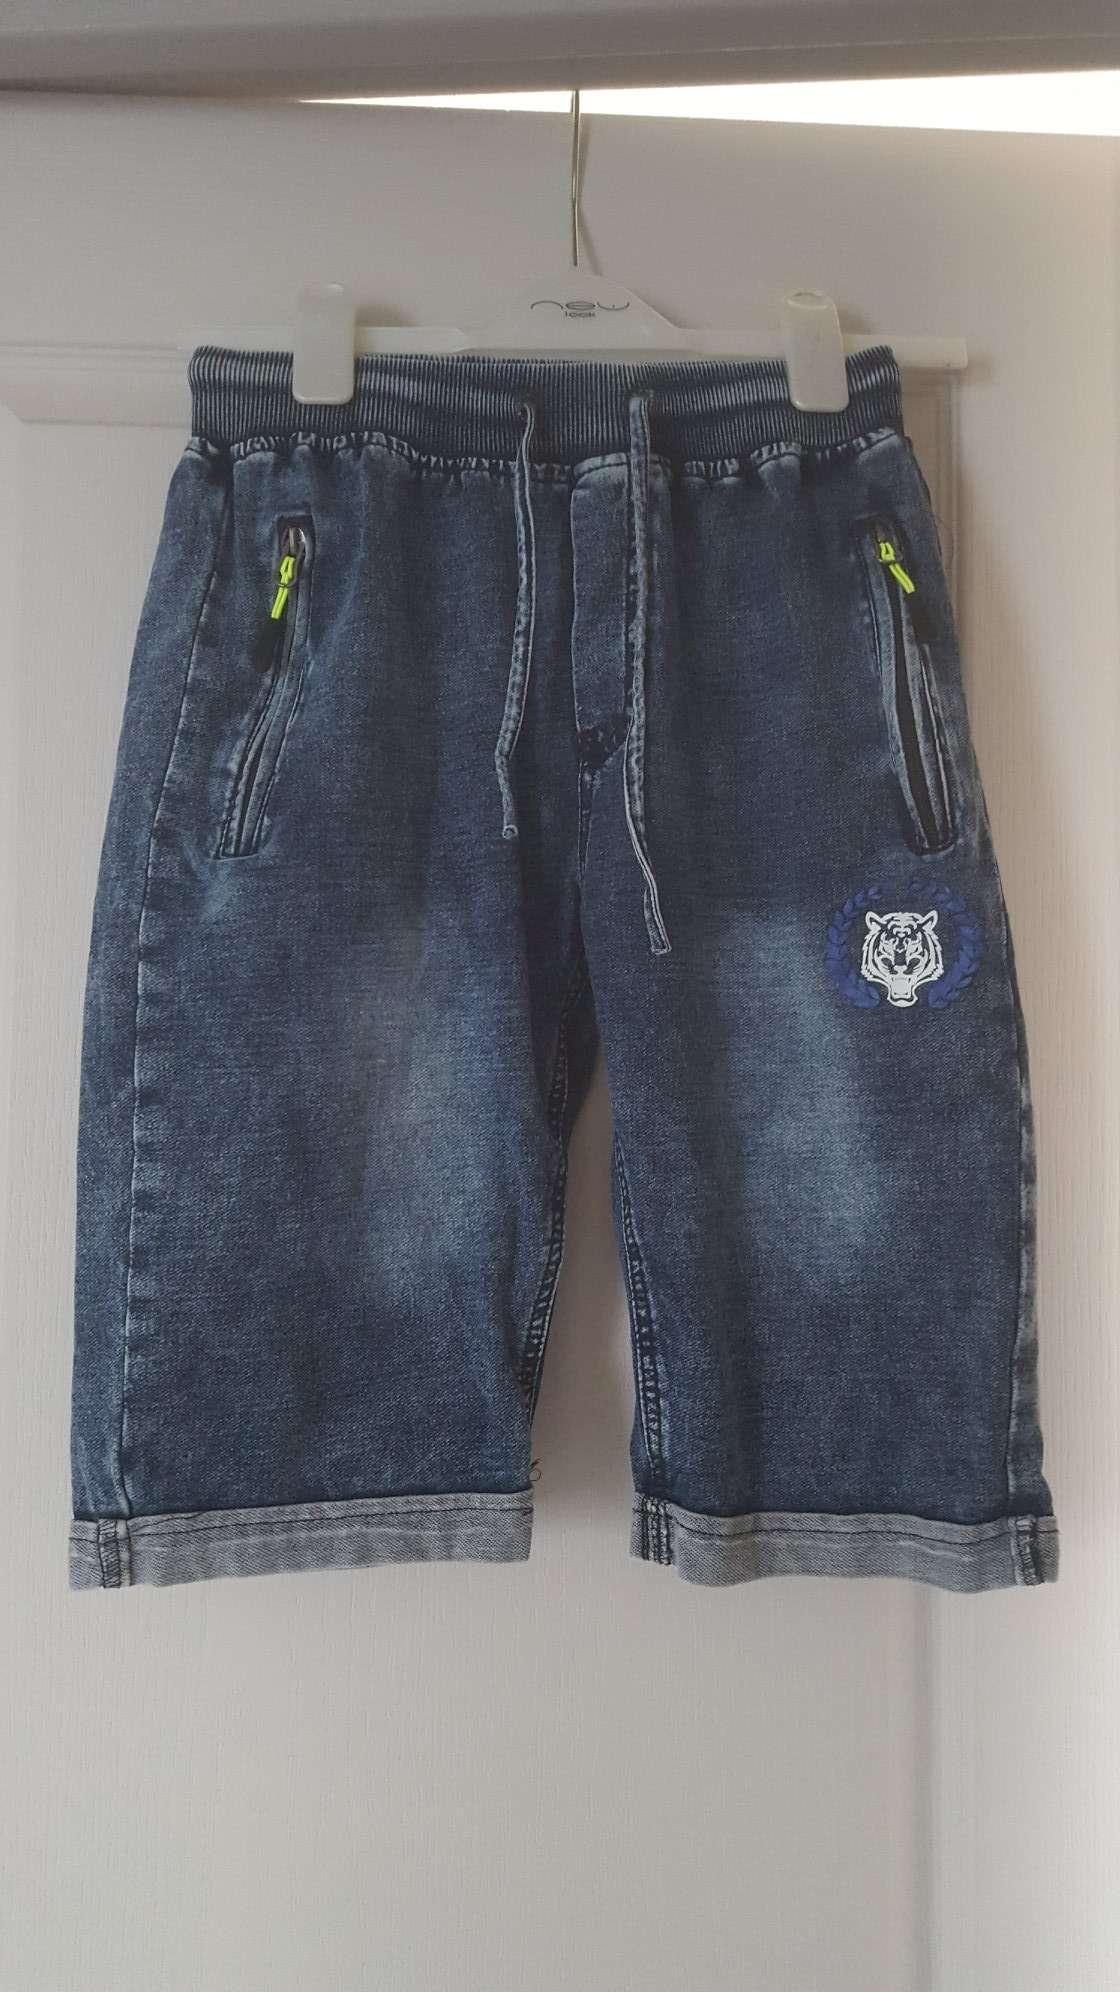 troc de troc réservé - short en jean - taille 14/16 ans image 0